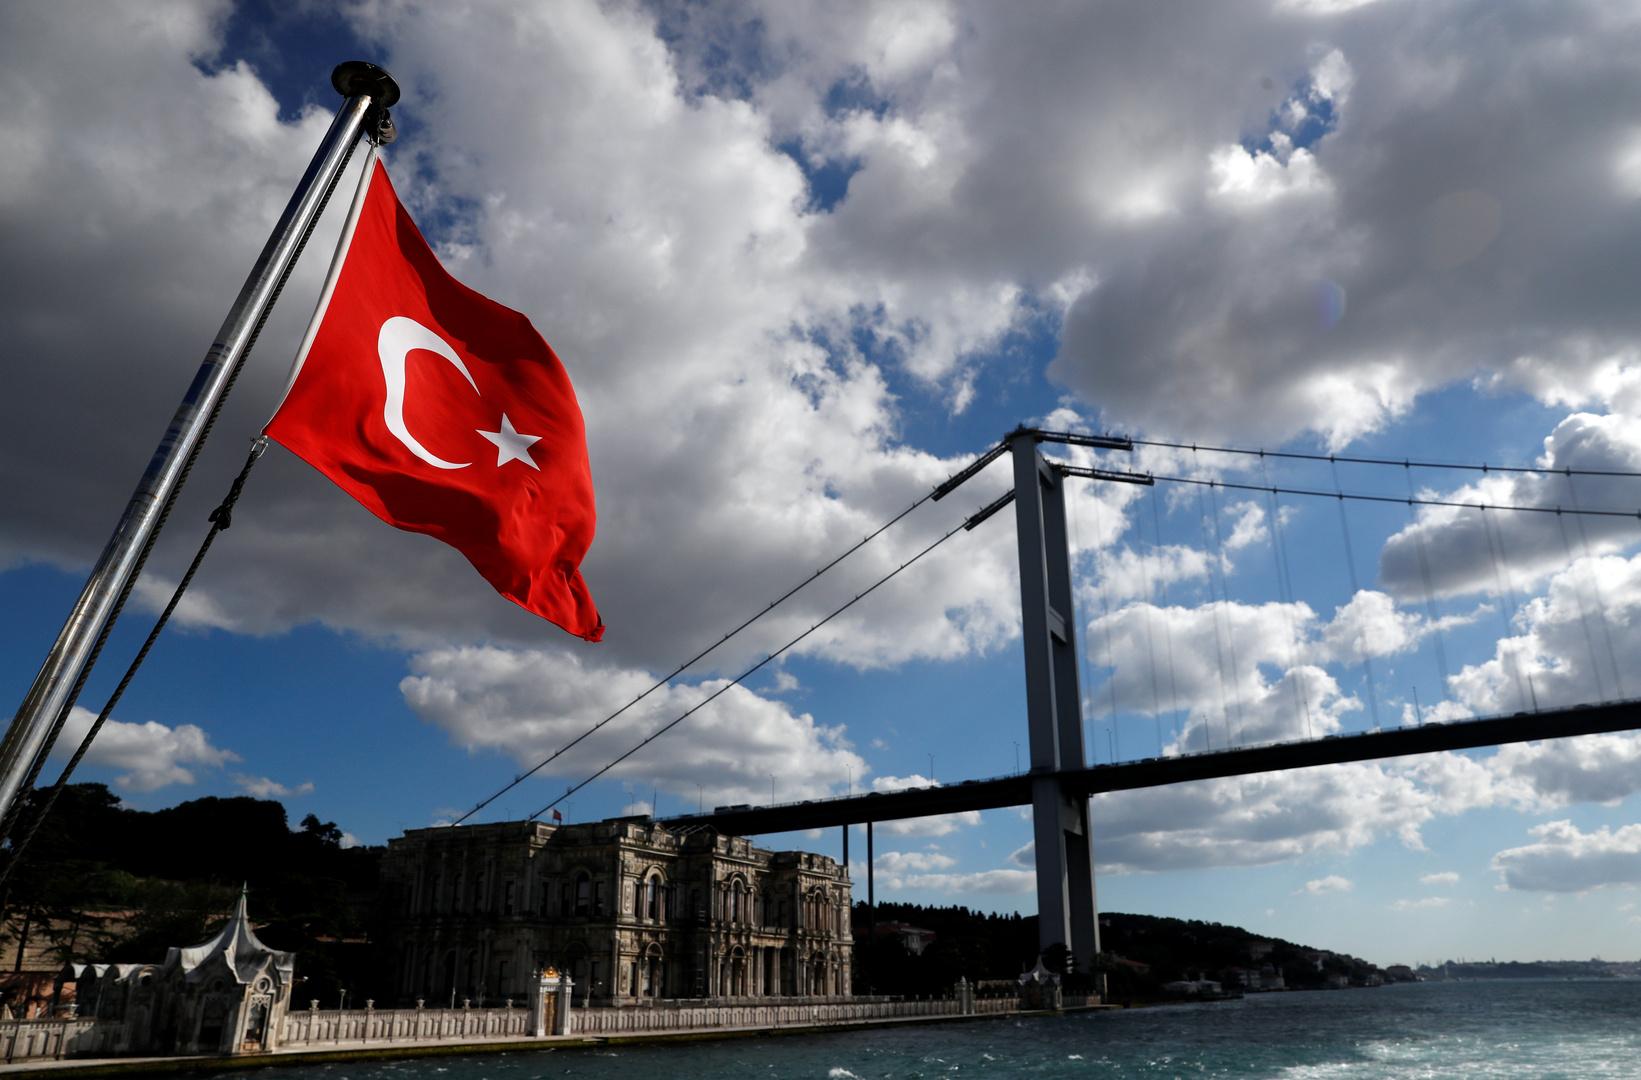 تركيا تنتقد موقف الاتحاد الأوروبي تجاه قضية قبرص